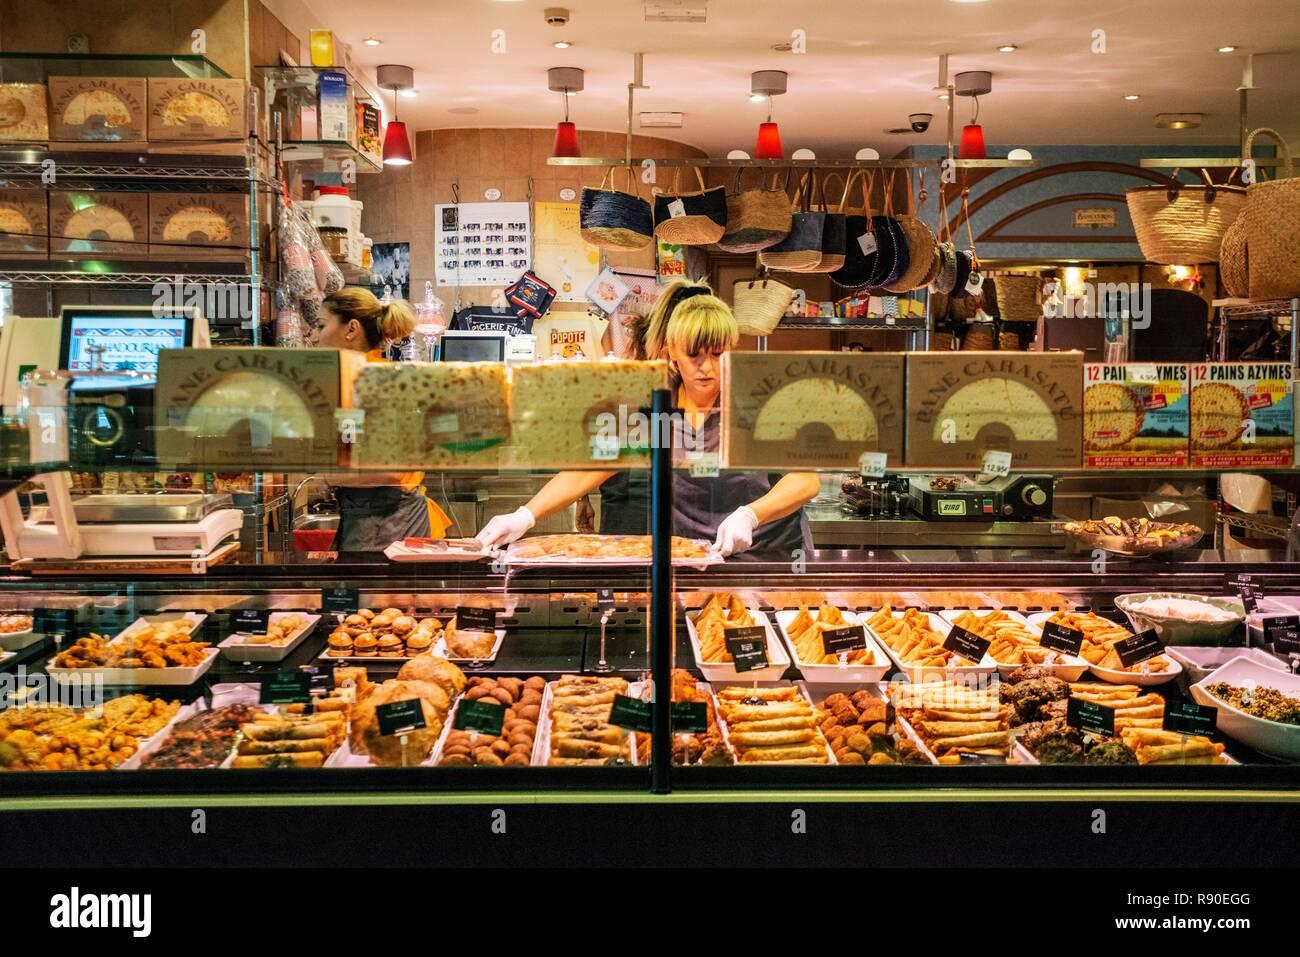 France Rhone Lyon Les Halles Bocuse Bahadourian Grocery Store